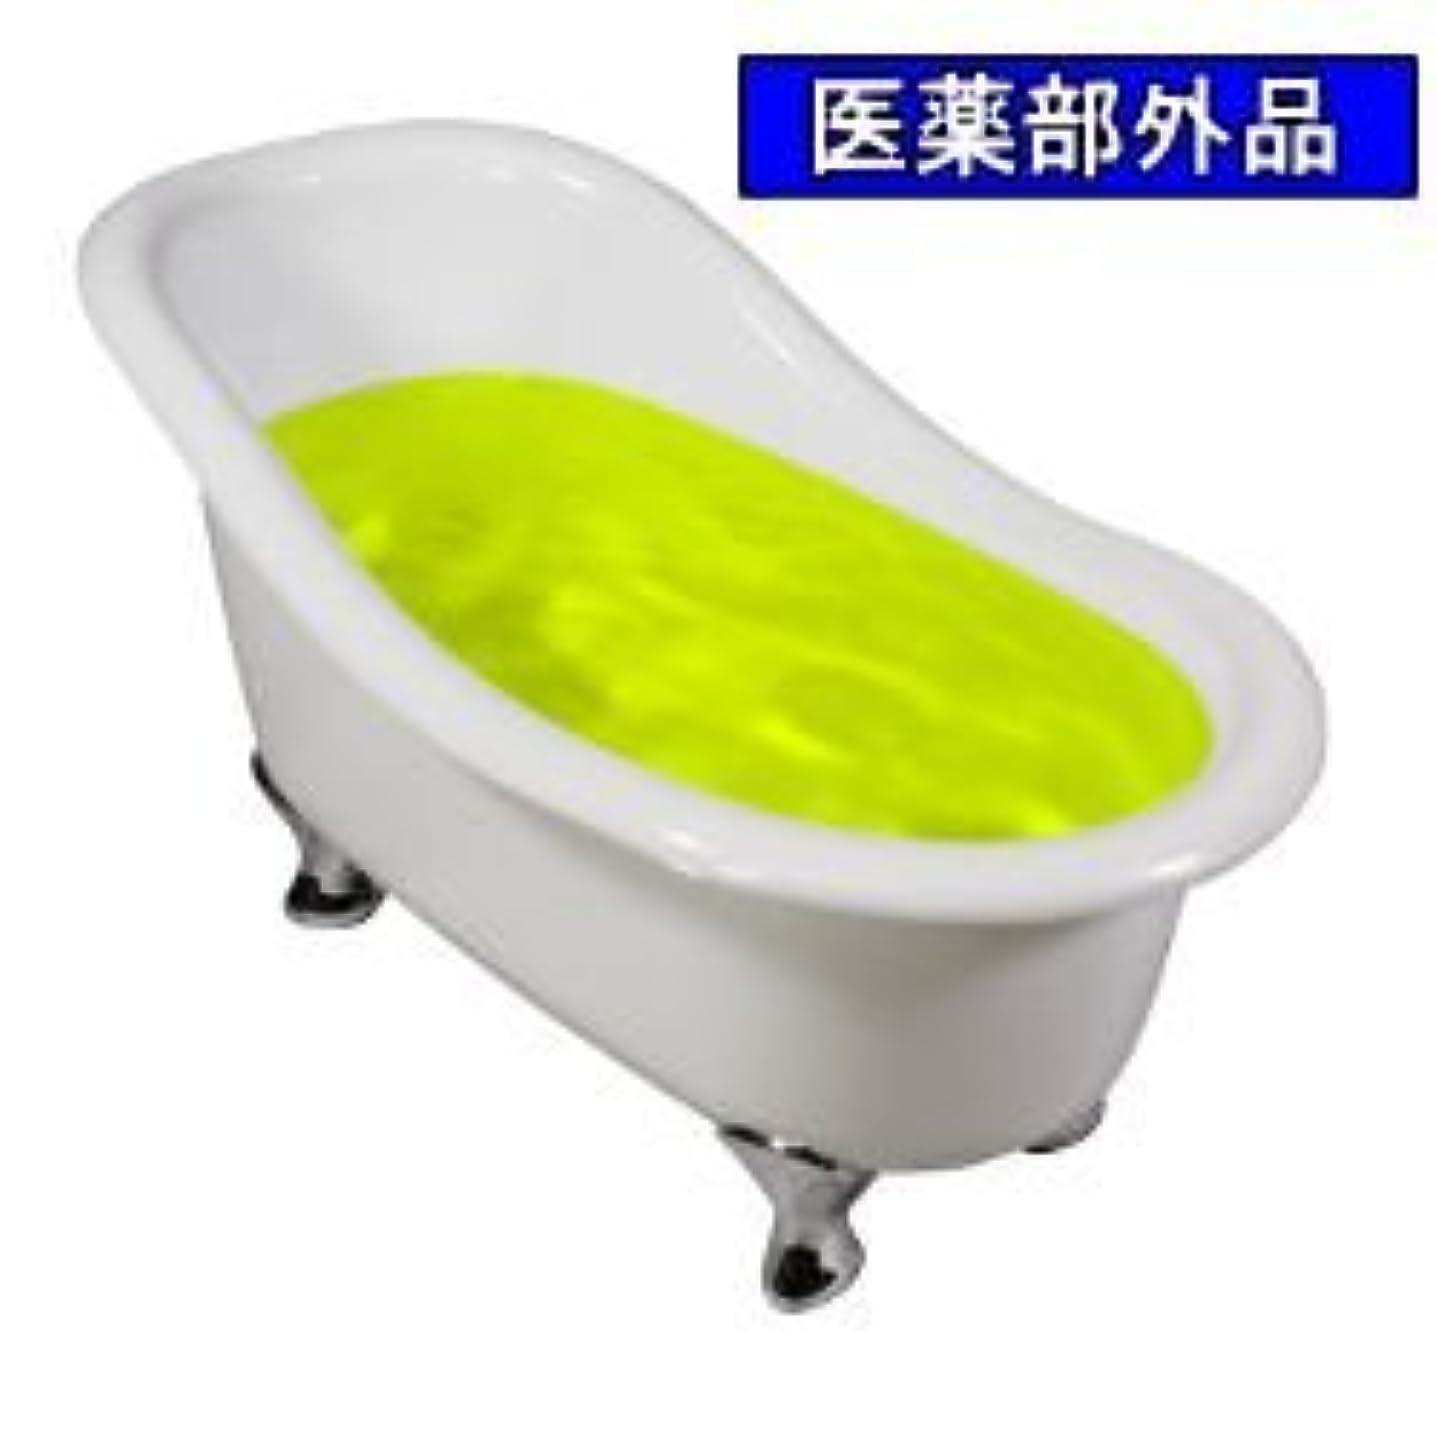 不可能な阻害するフロー業務用薬用入浴剤バスフレンド ジャスミン 17kg 医薬部外品